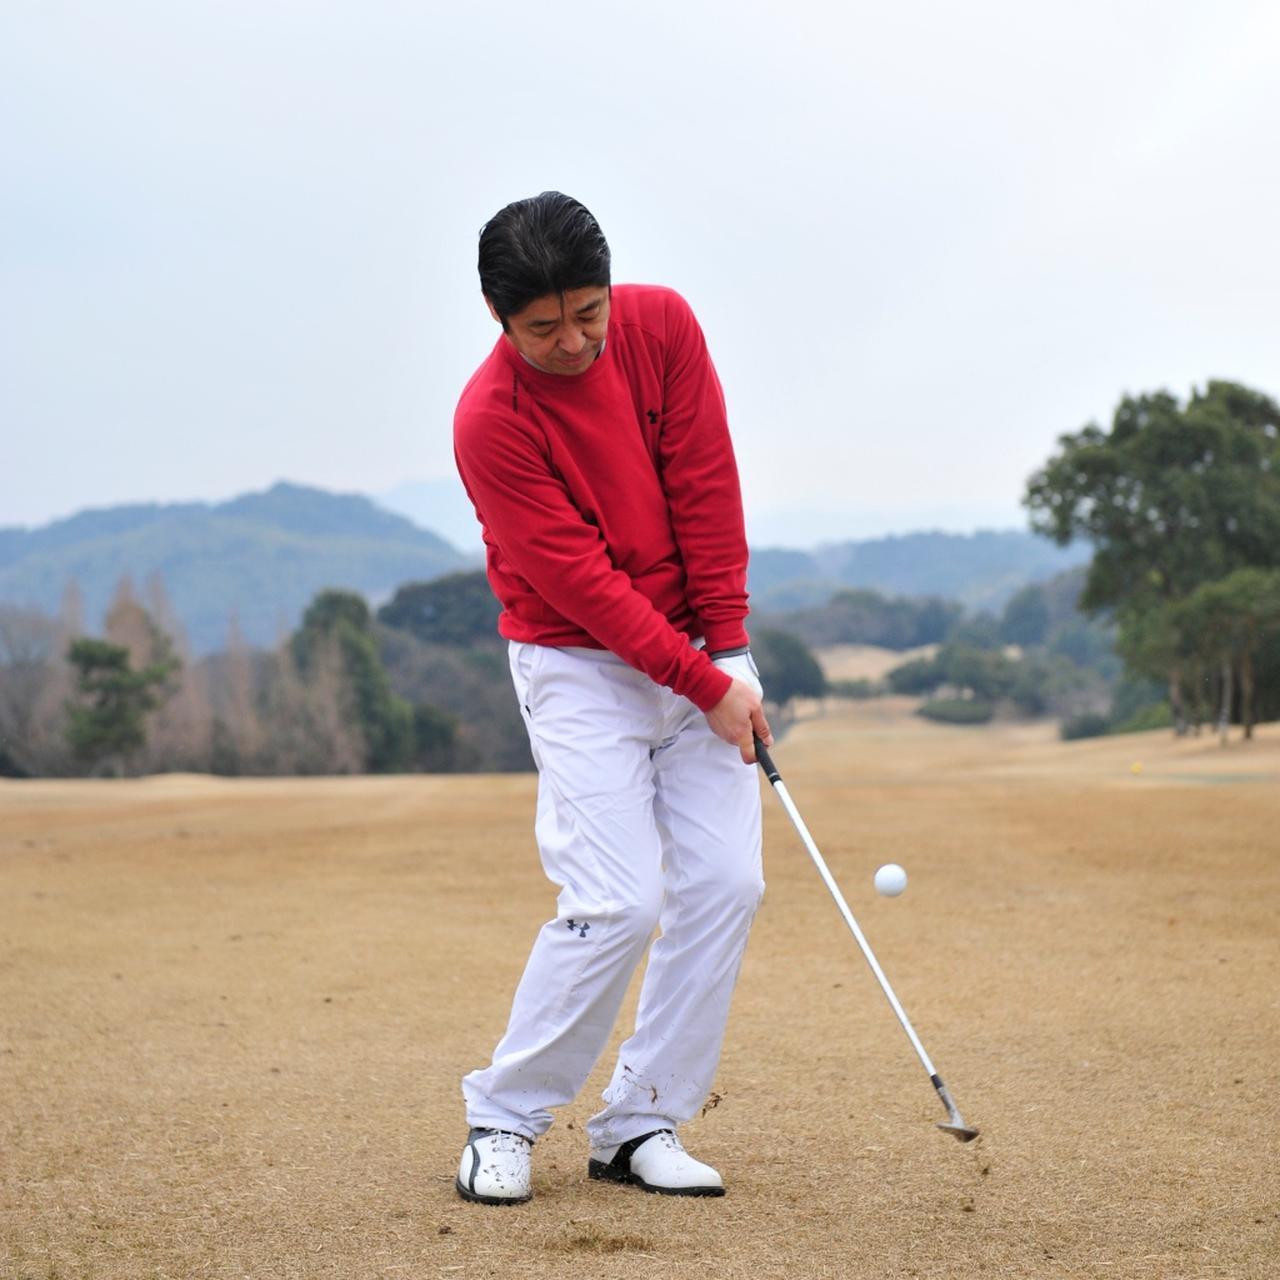 画像4: 【通勤GD】伊澤利光「イザワの法則」Vol.8完璧以外はミスショット、この思考はゴルフの敵ですよ 。ゴルフダイジェストWEB